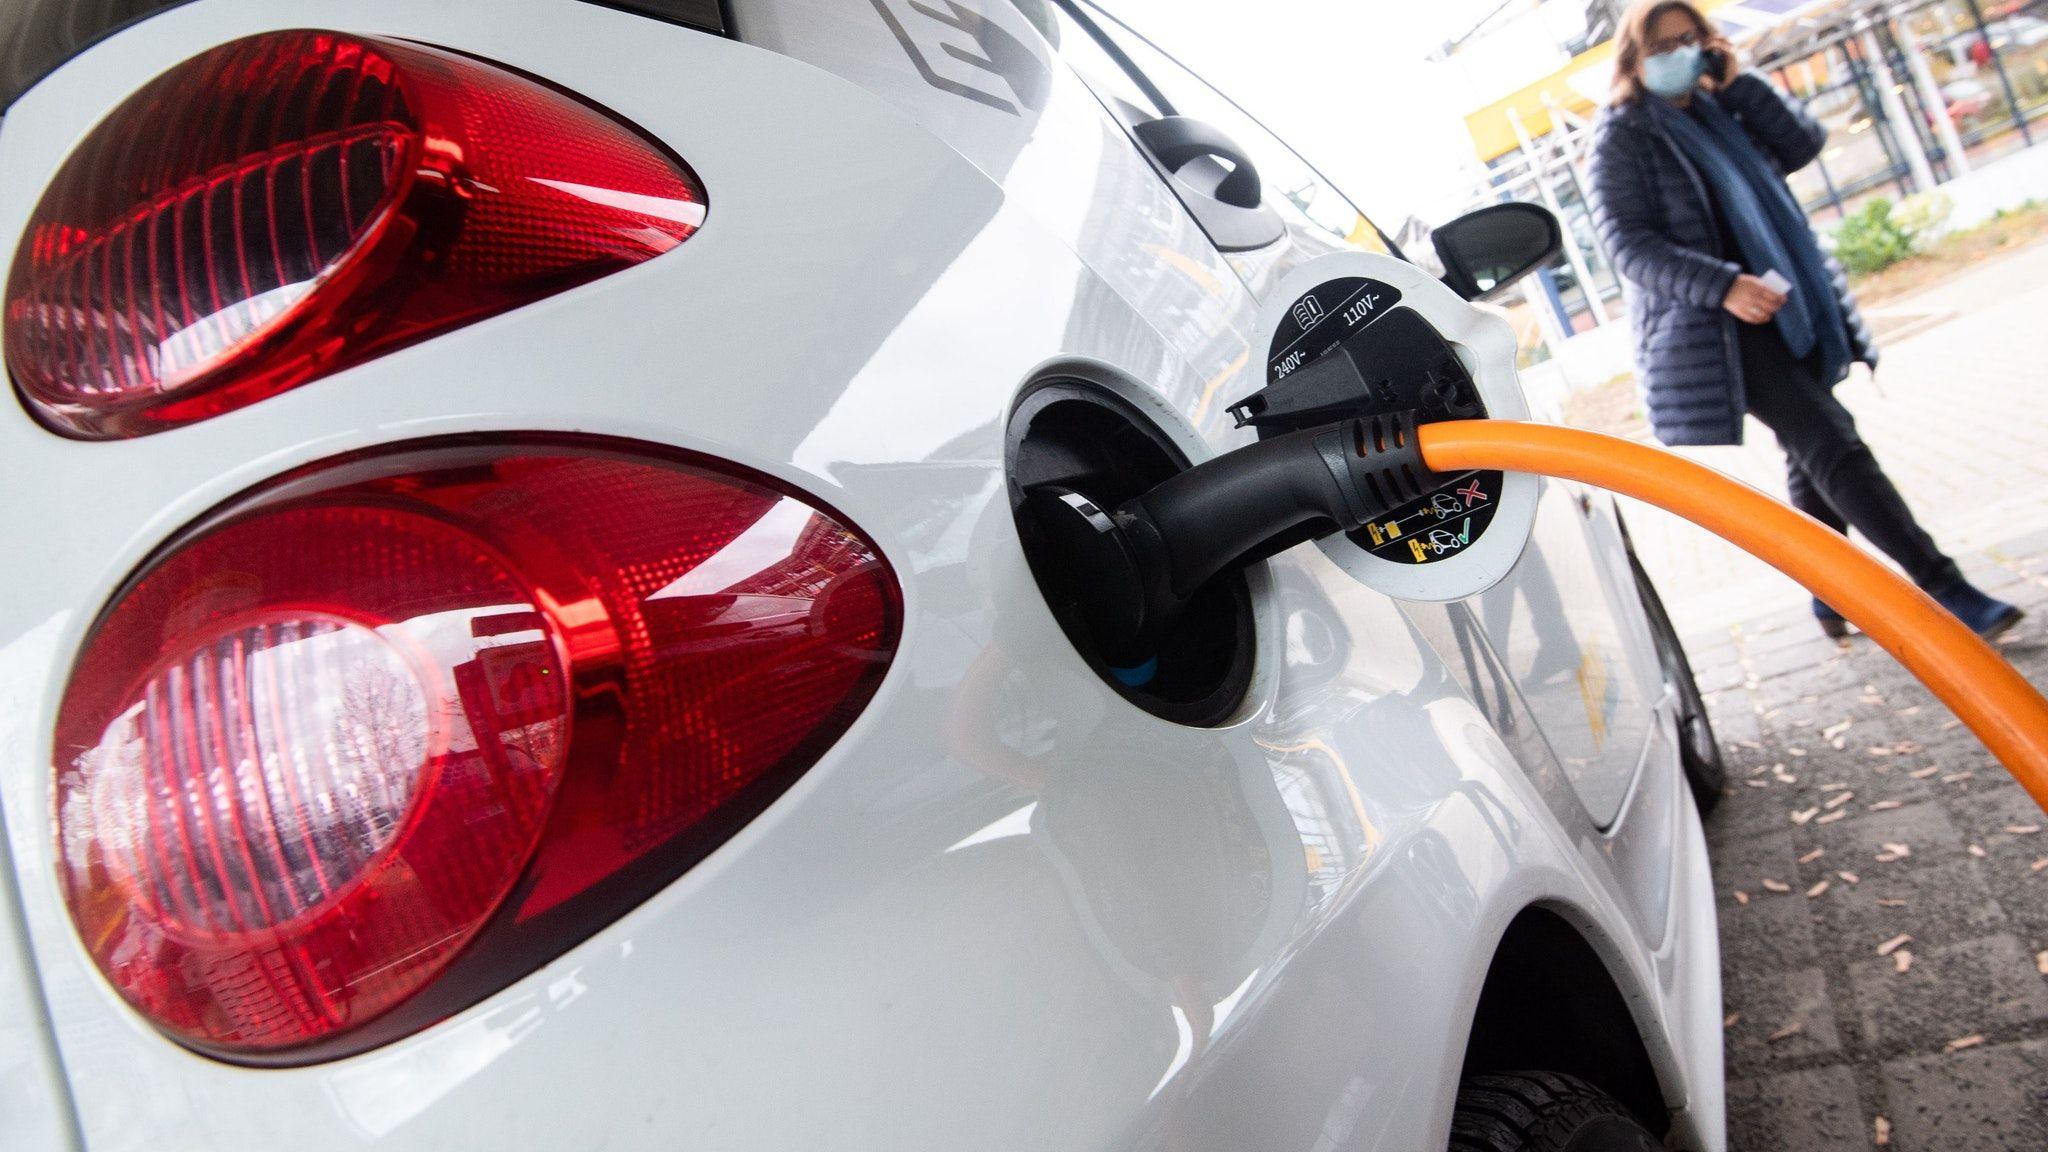 Im Kommen: Der Anteil von E-Fahrzeugen nimmt zu. Dafür werden Ladestationen gebraucht. Symbolfoto: dpa/Stratenschulte